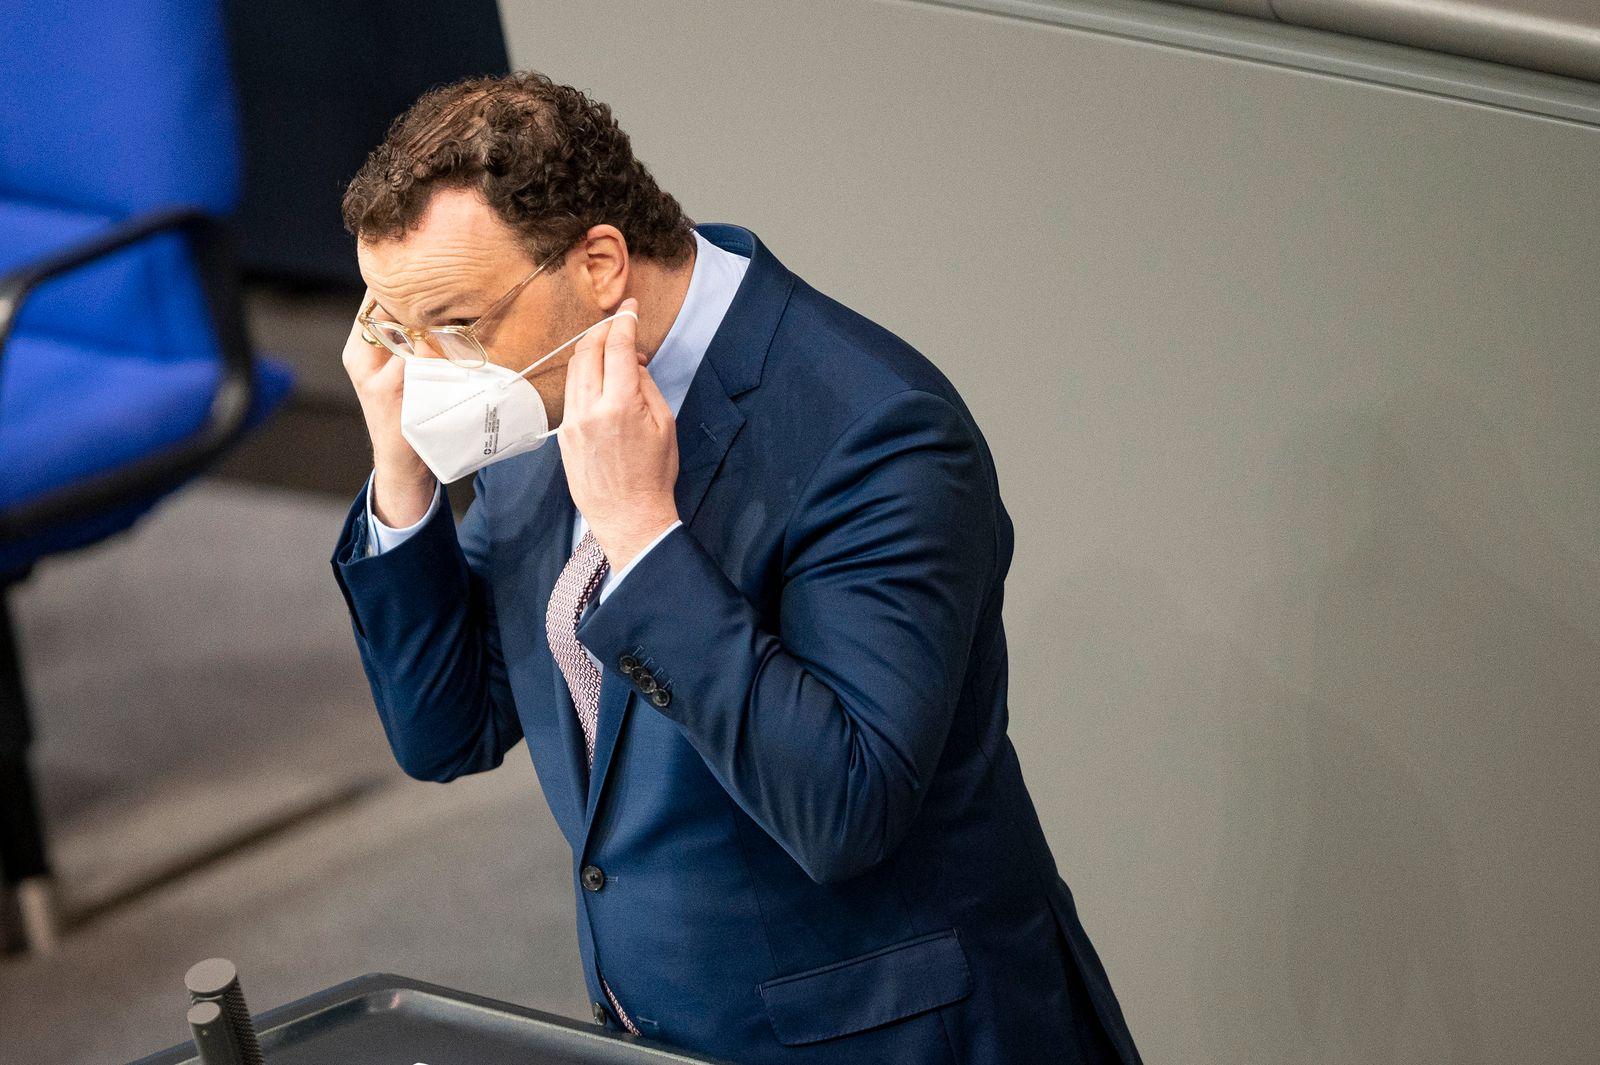 Gravierende Fragen - Krisenmanager Spahn als Verteidiger